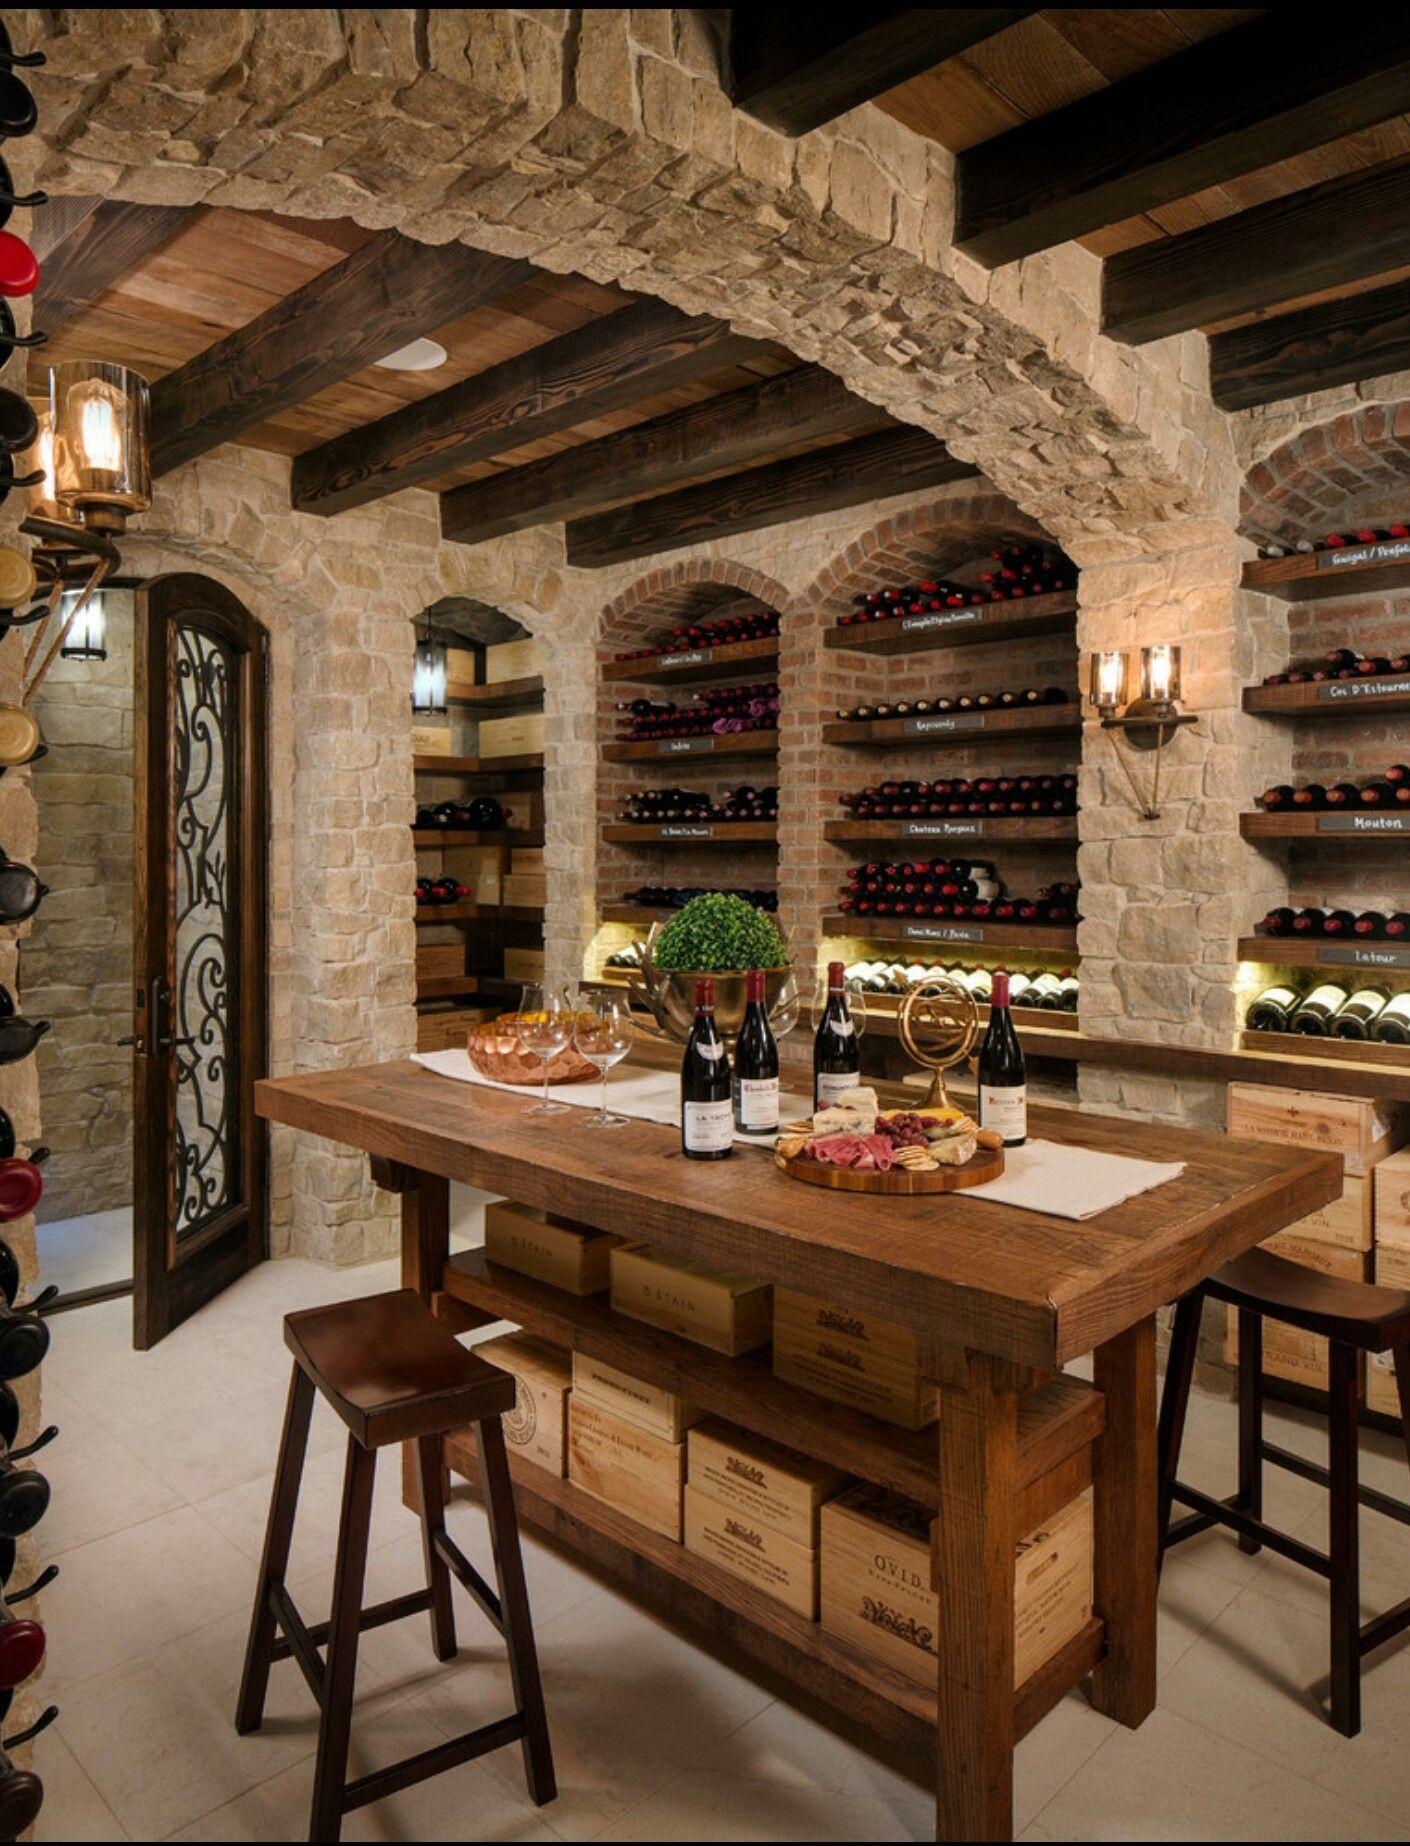 Pin by Debora Sanders on Homestyle | Pinterest | Wine cellars, Wine ...